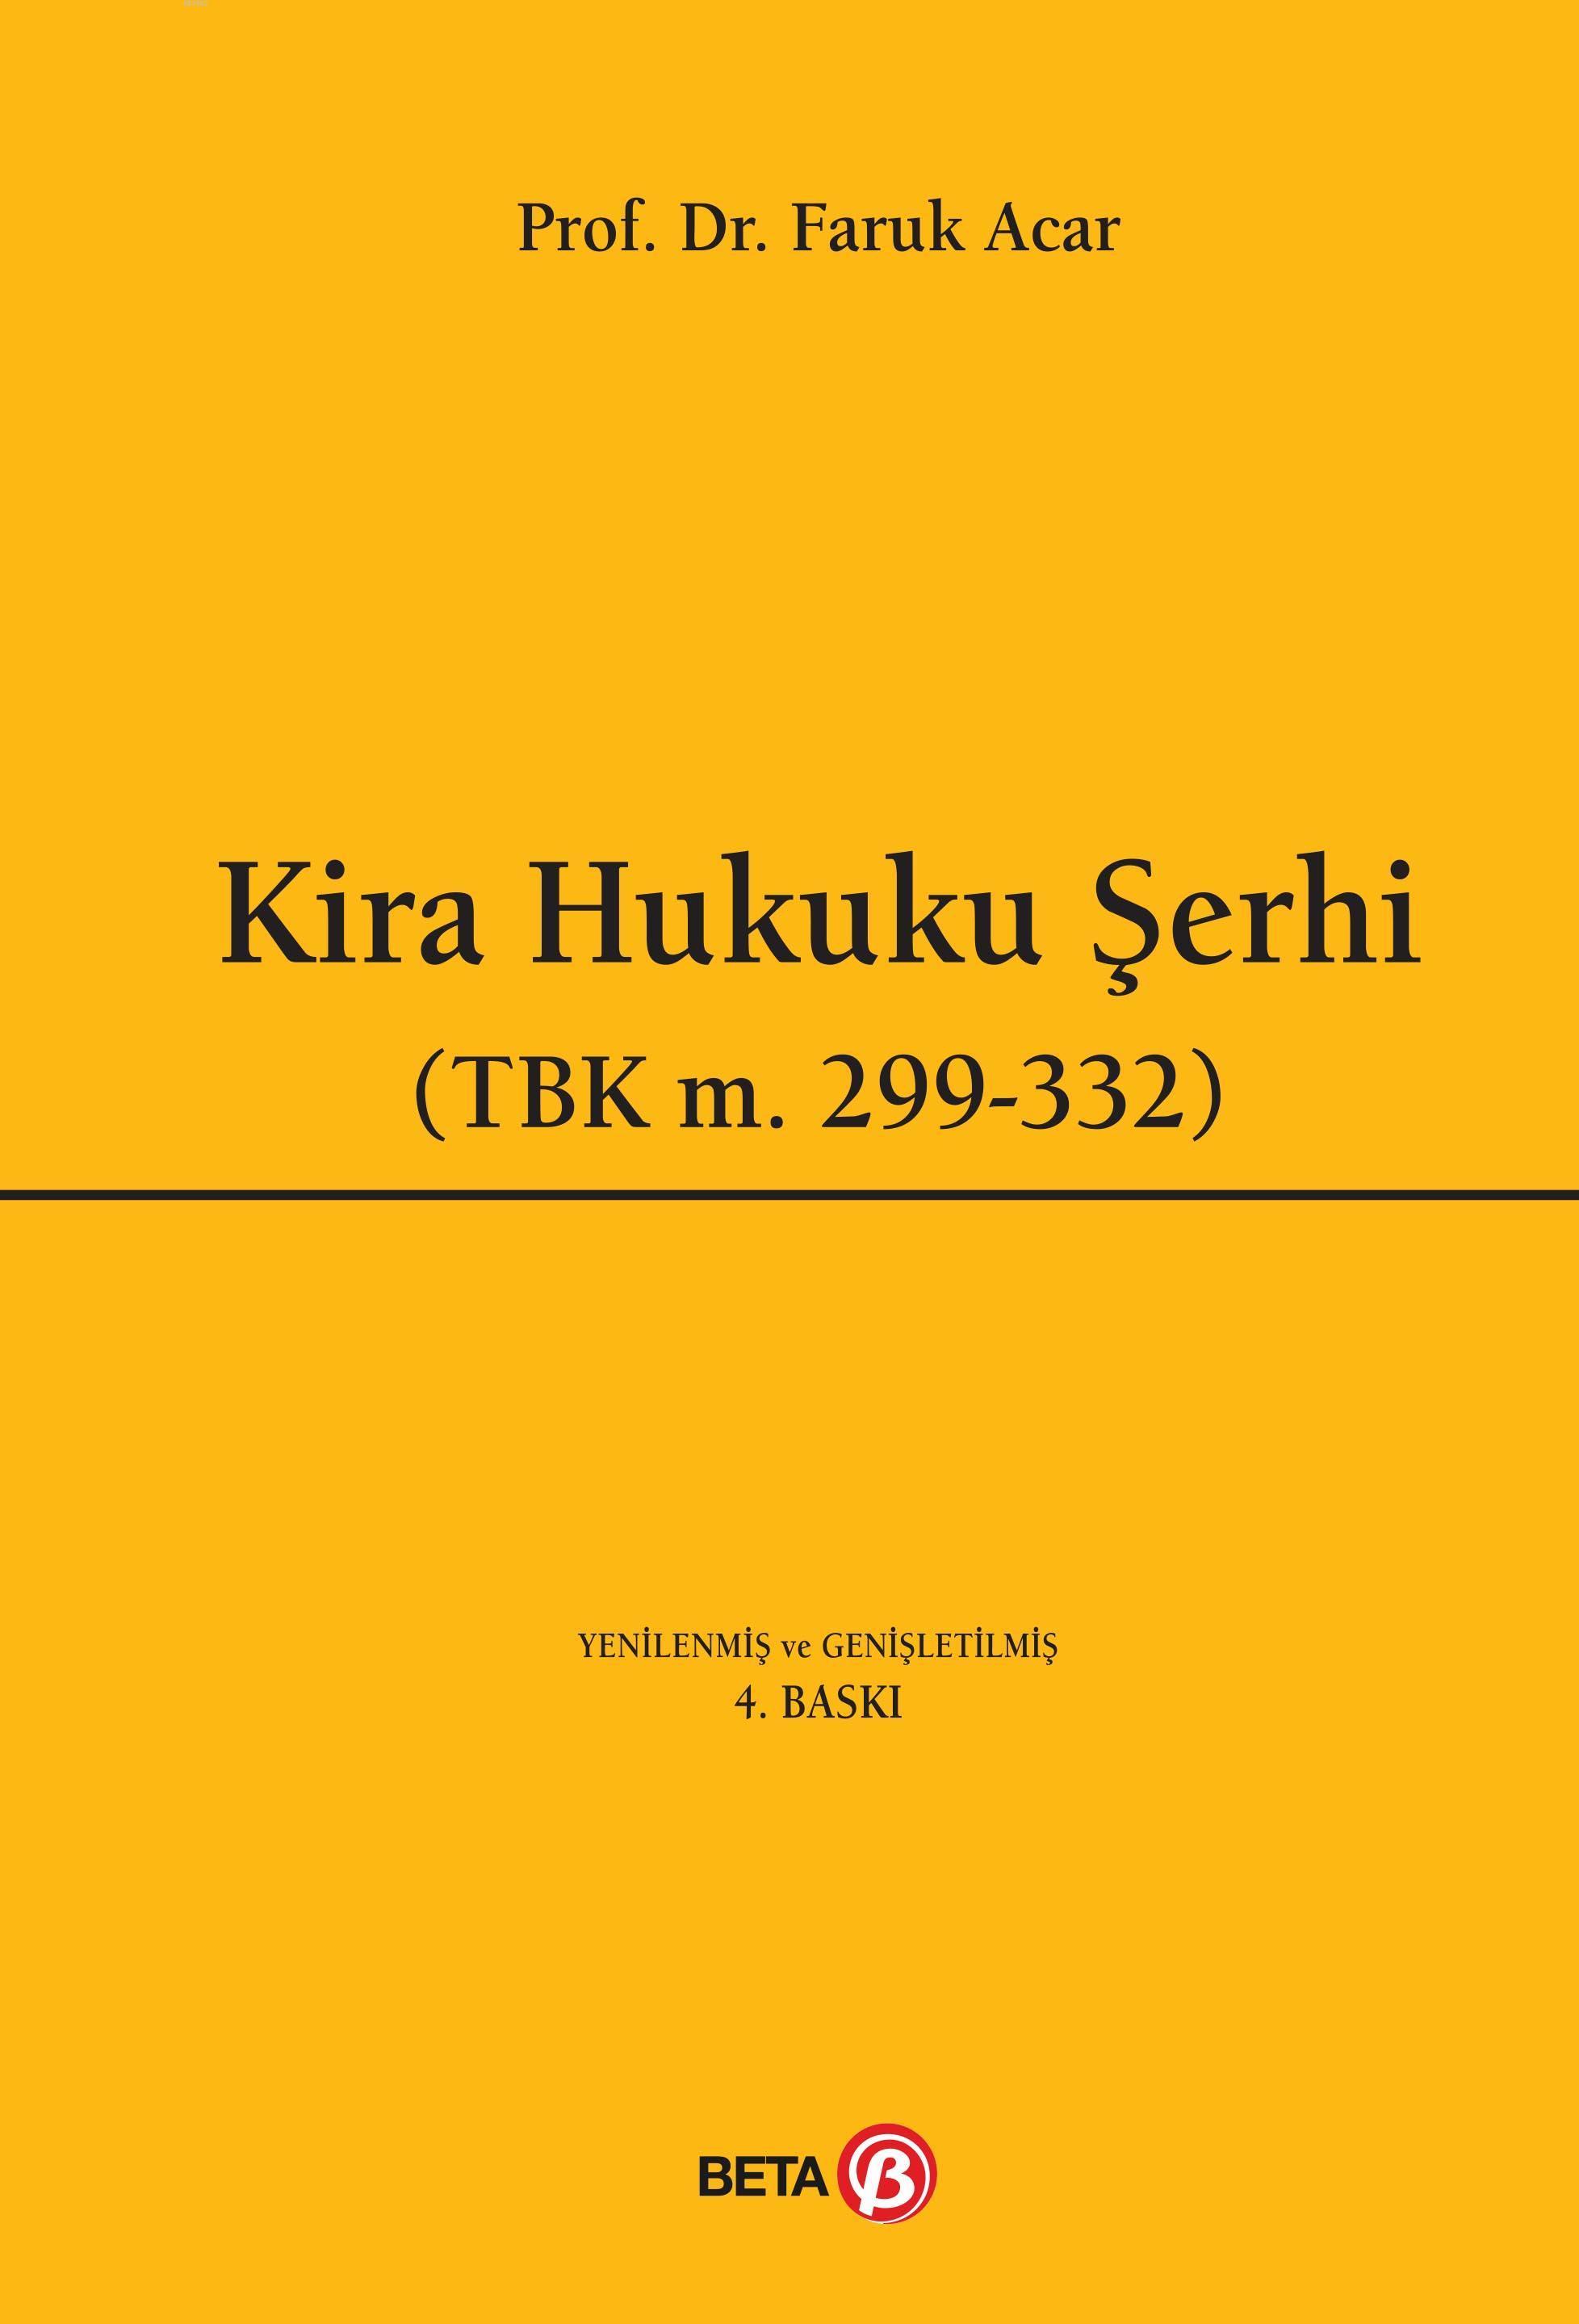 Kira Hukuku Şerhi; (TBK m.299-332)